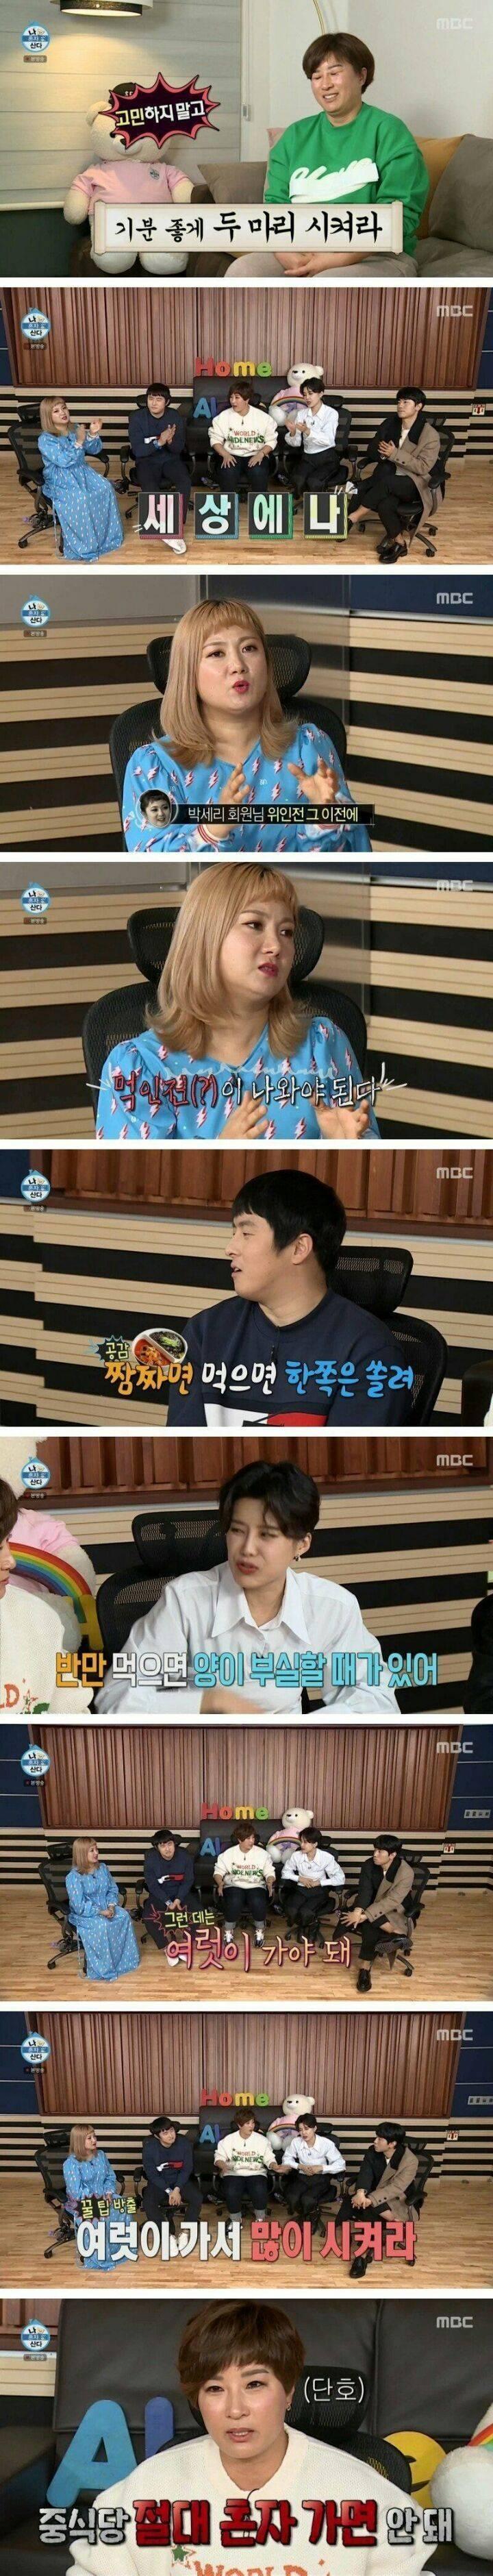 박세리가 치킨 2마리 시킨 이유.jpg | 인스티즈